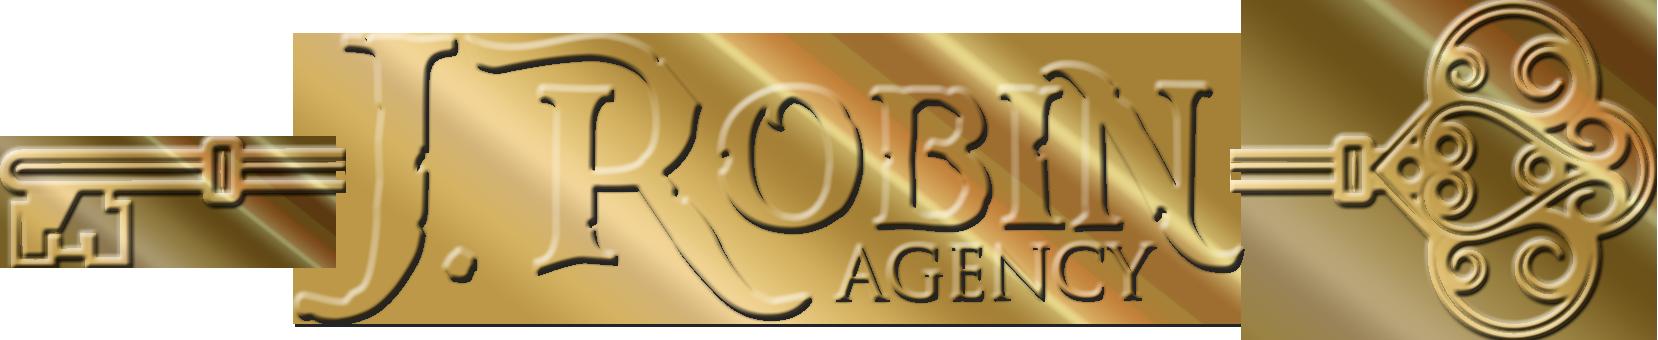 J. Robin Agency